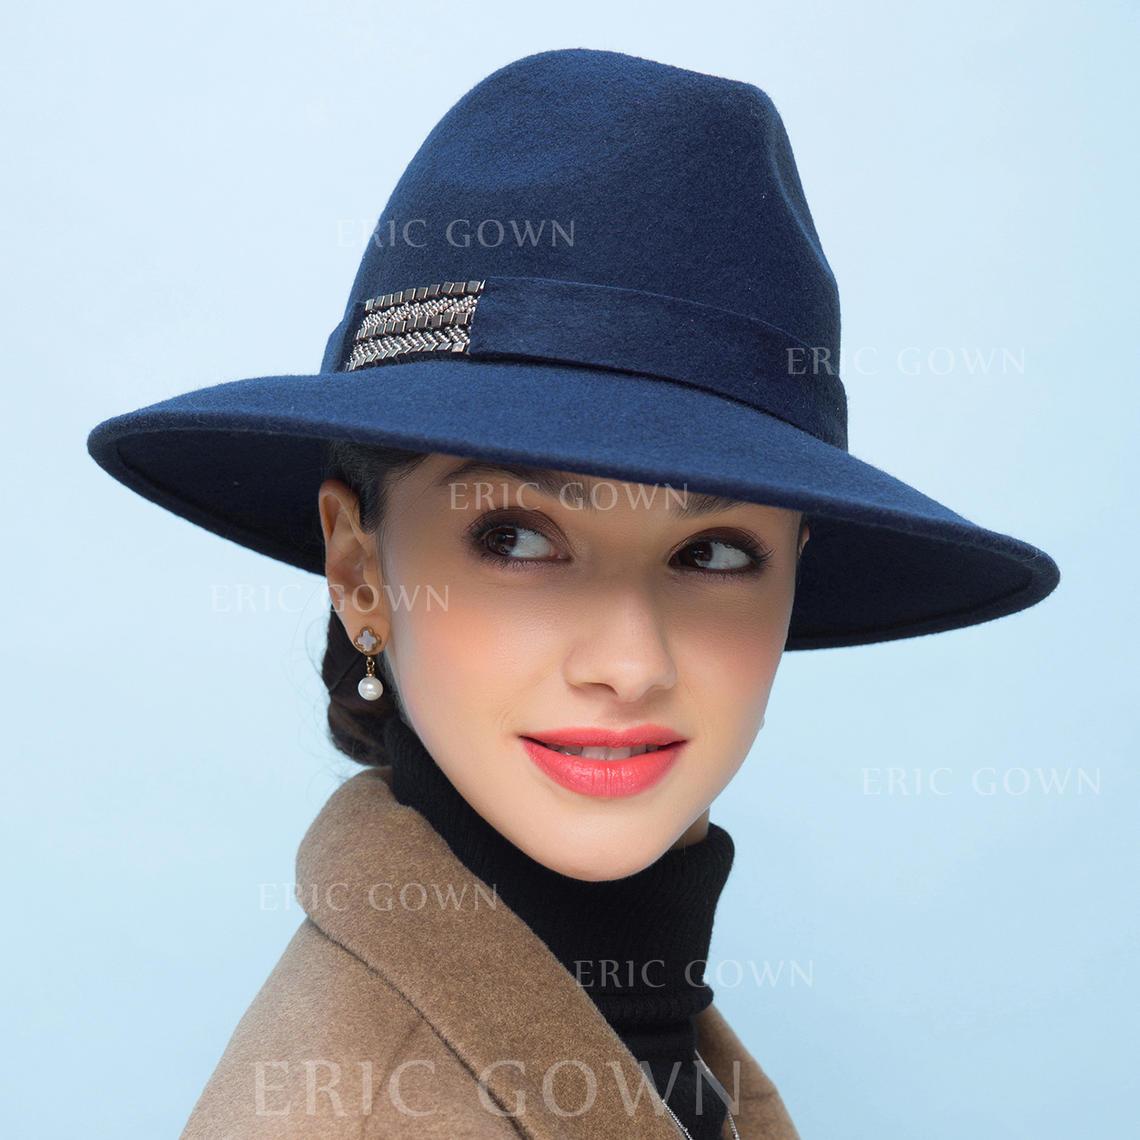 c0001a56d1171 Señoras  Moda Madera Disquete Sombrero (196106756). Loading zoom. Cargando